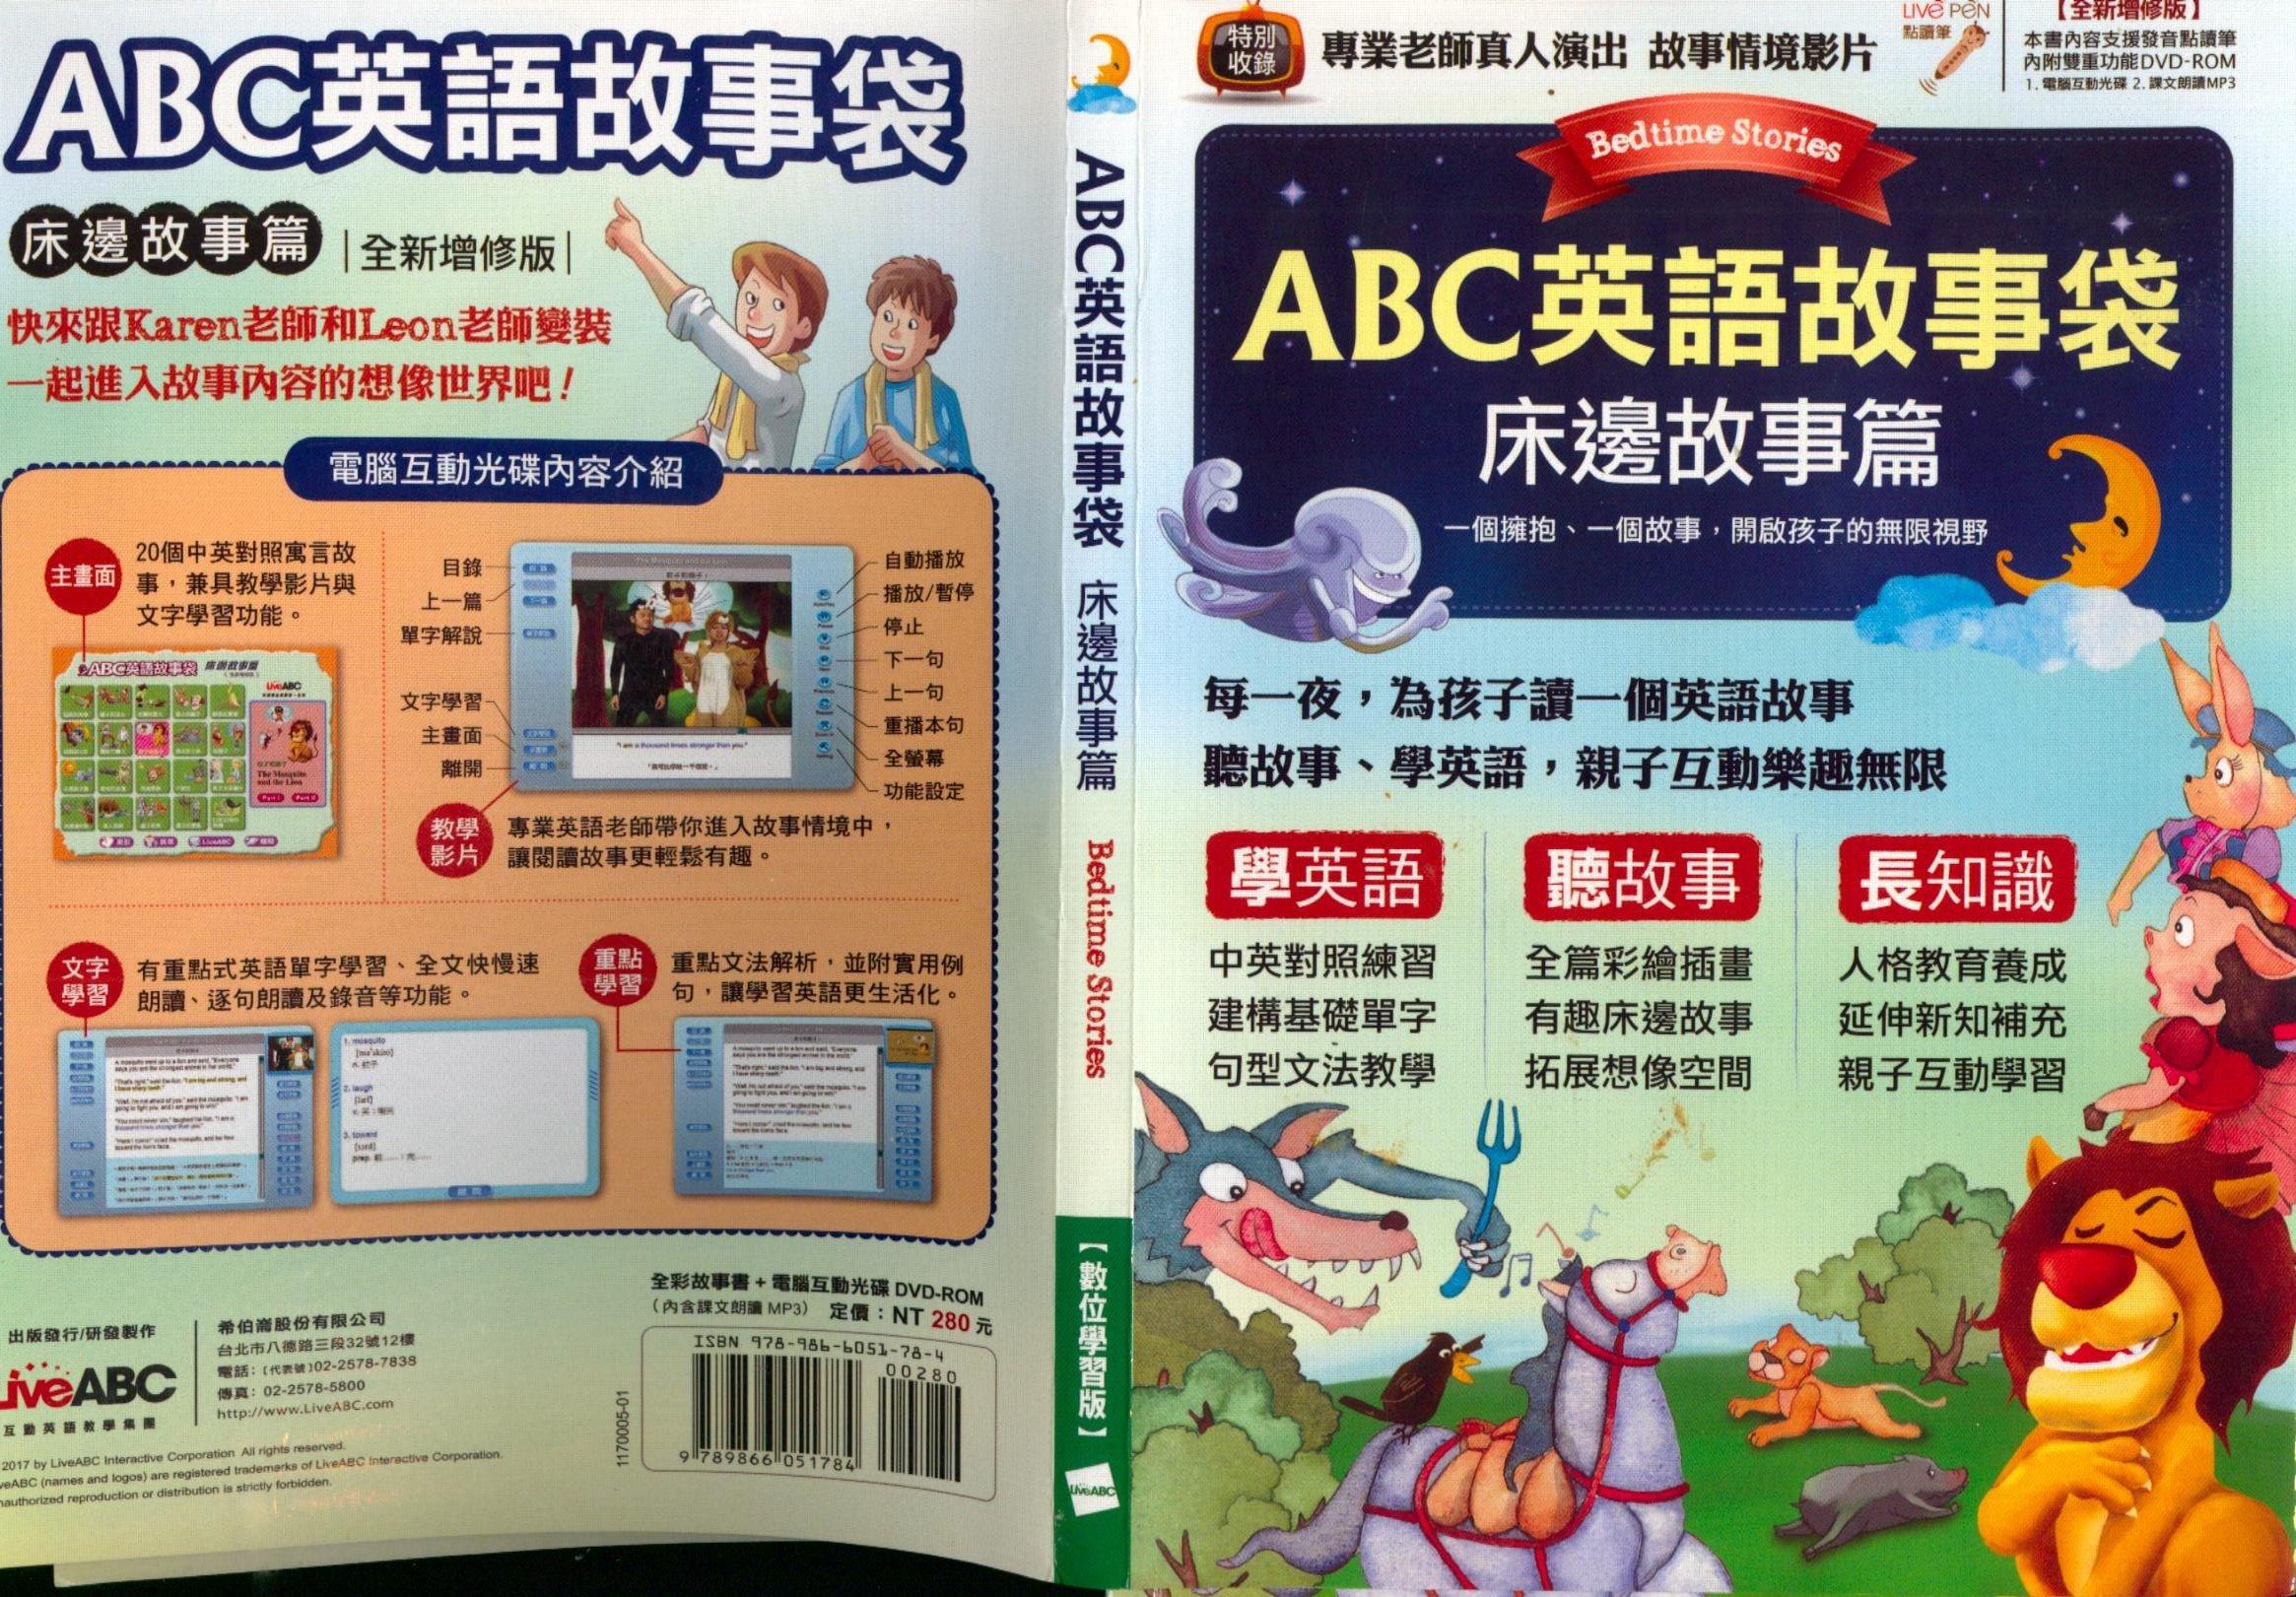 英文 ABC 英文床邊故事書 開啟孩子的無限視野 故事情境影片